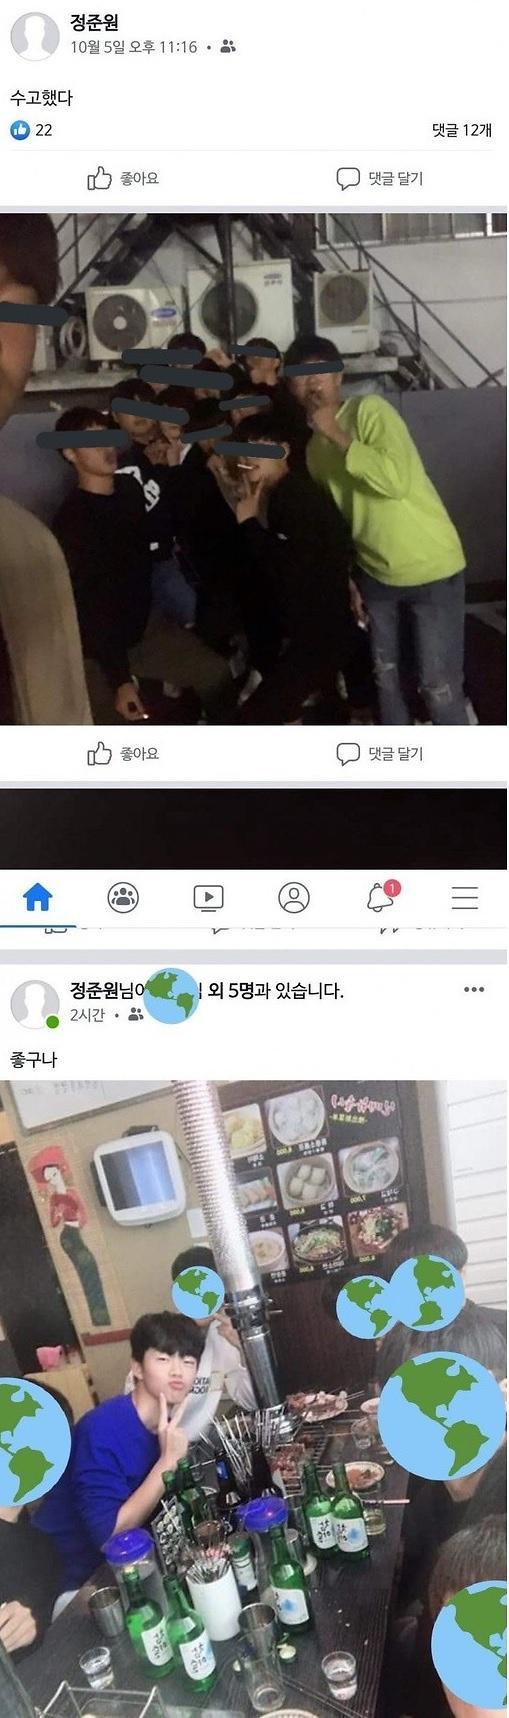 부부의 세계 정준원, 17살 미성년자가 술담배를?···소속사 사과(전문)